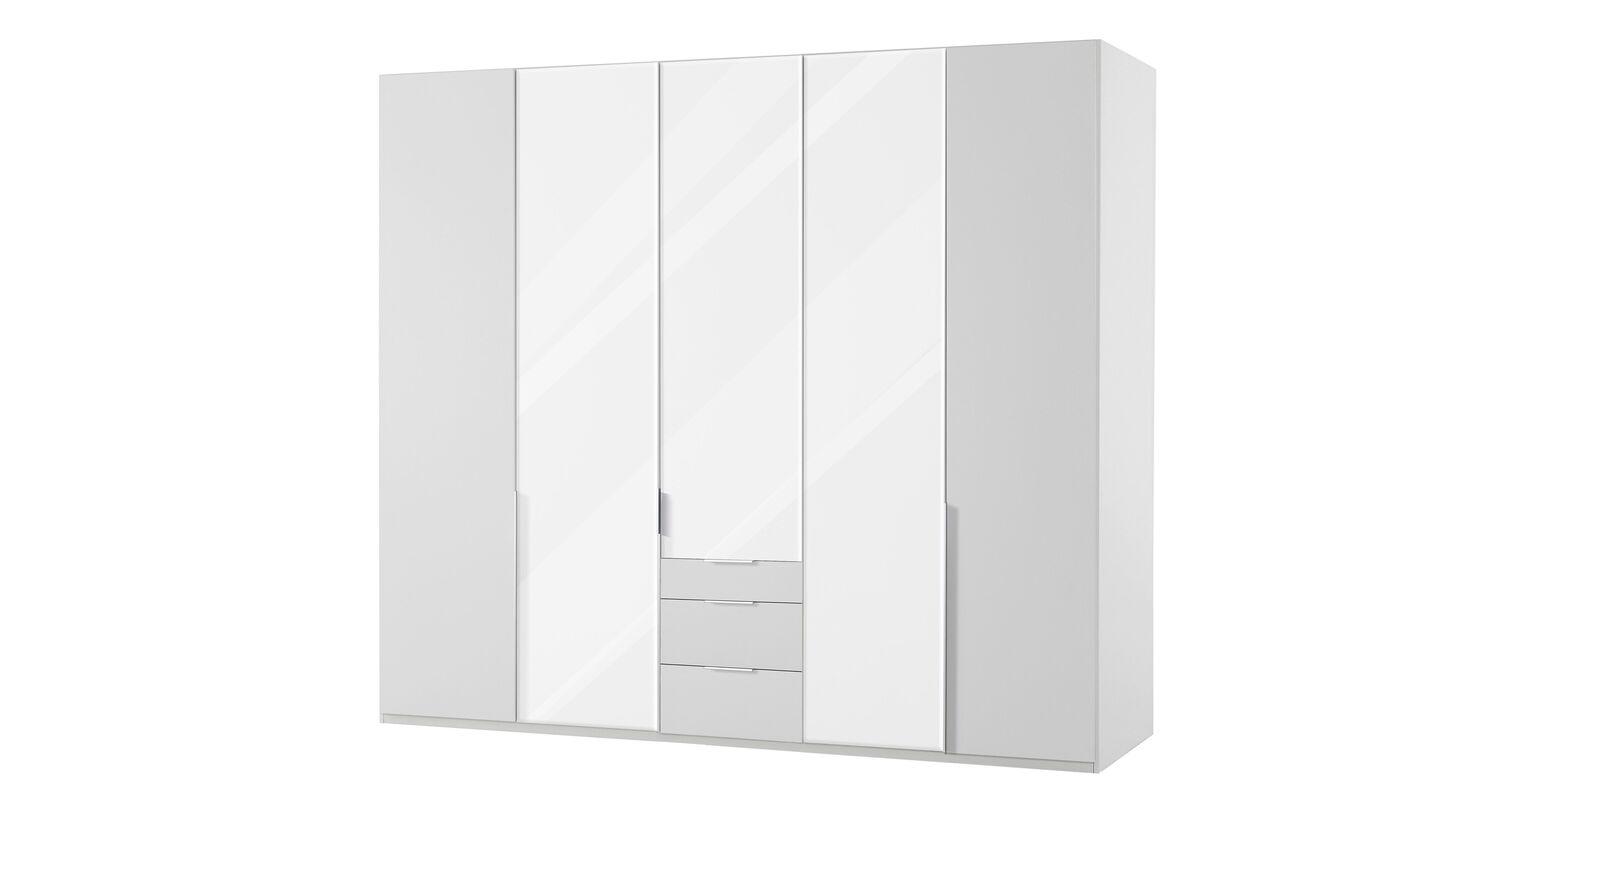 Funktions-Kleiderschrank Ceprano mit 3 Spiegeltüren